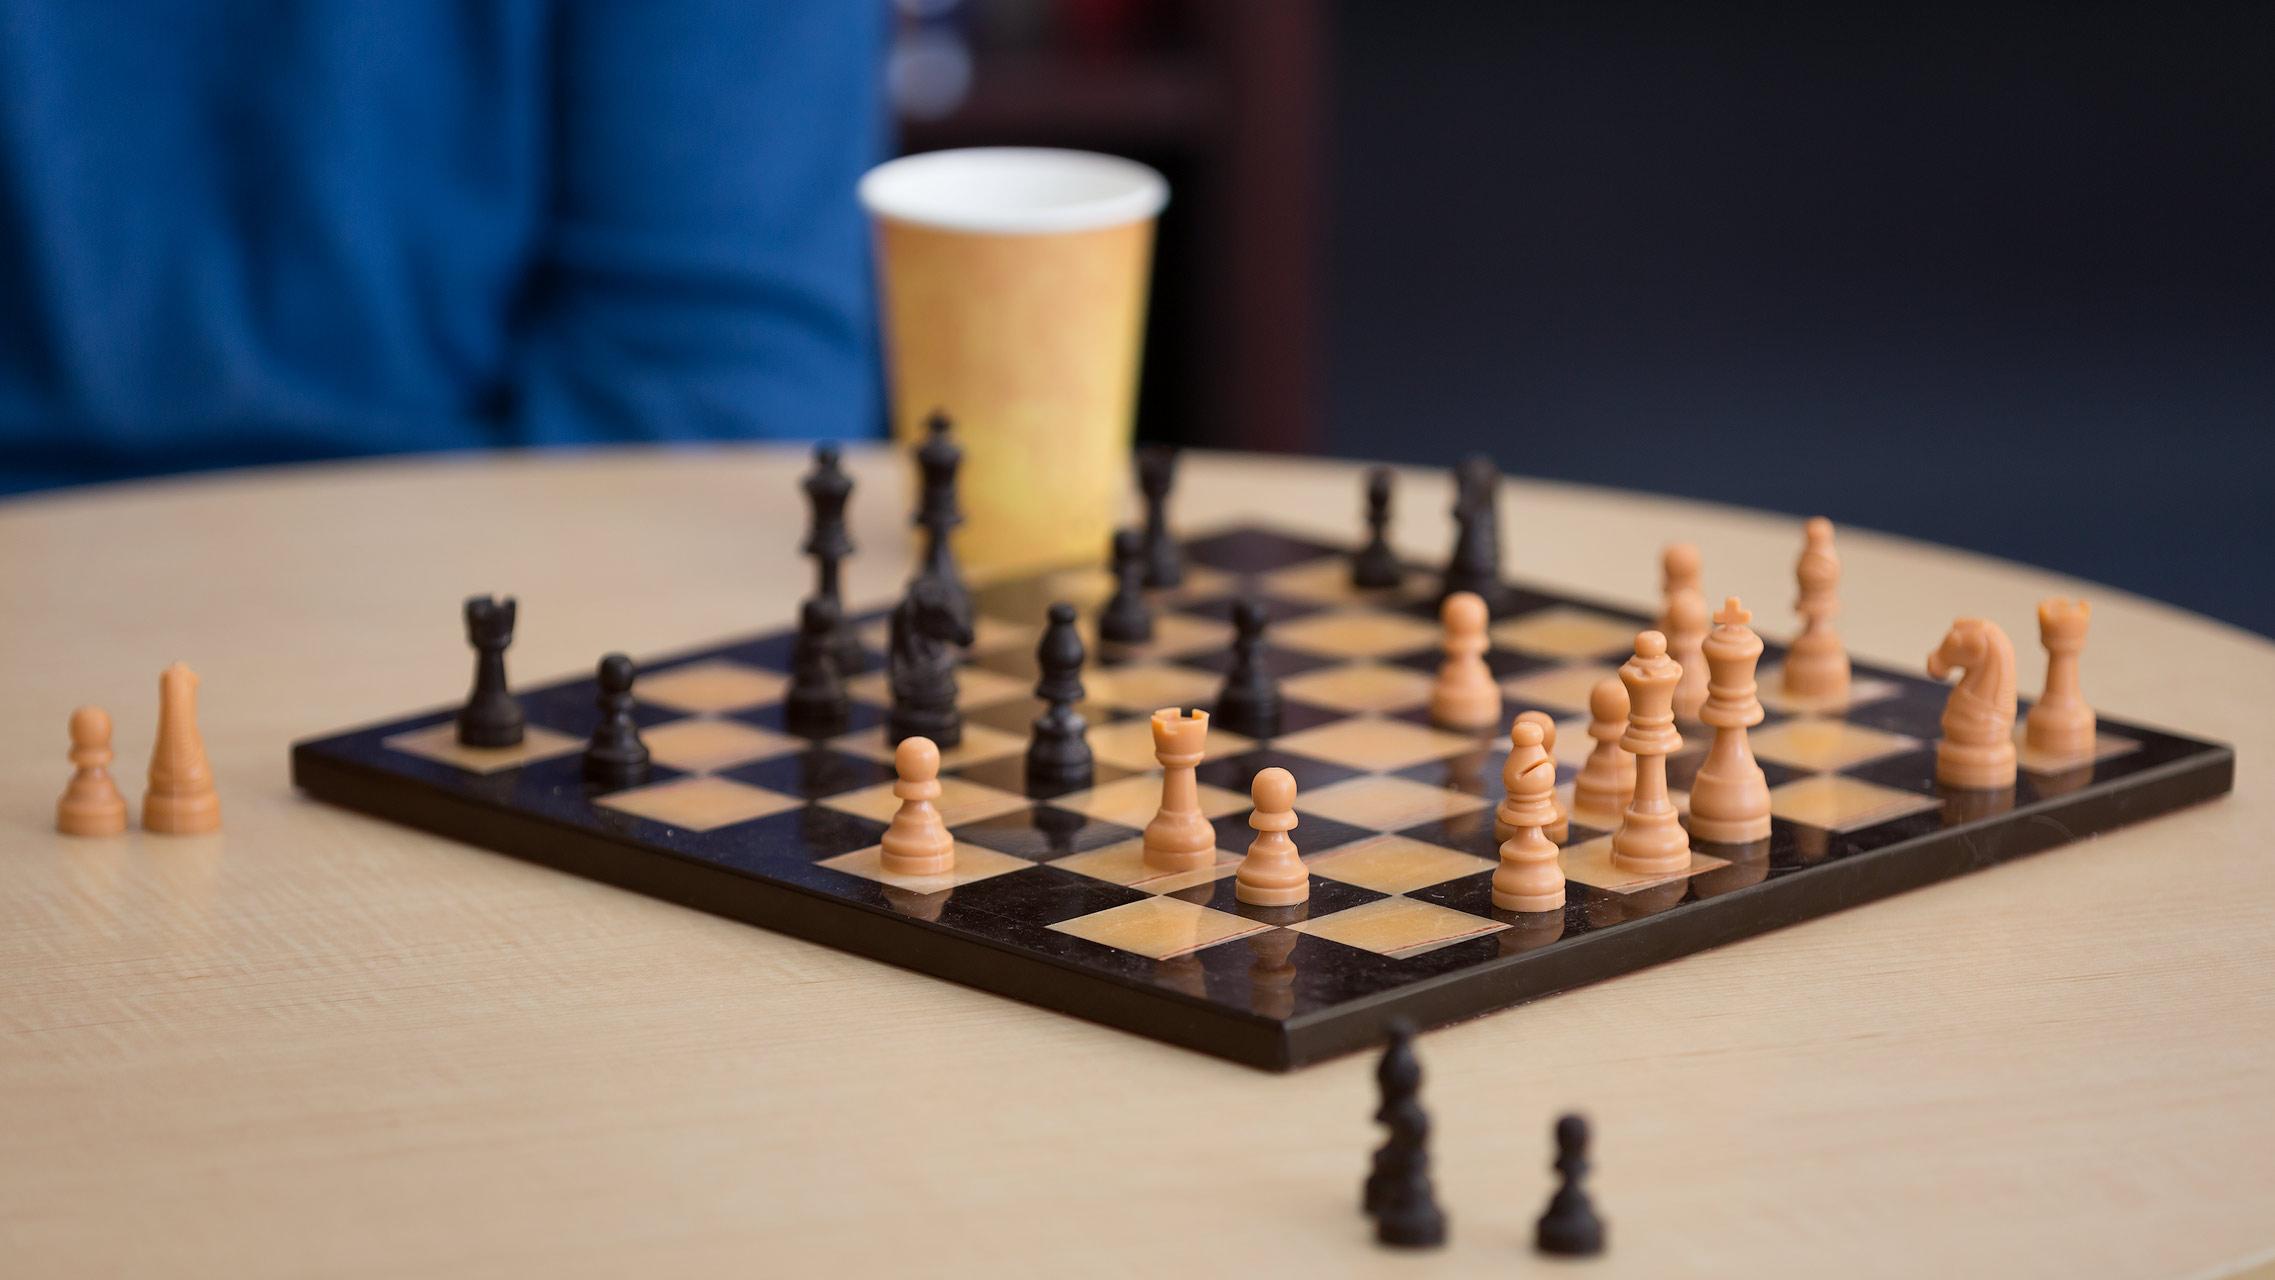 Deciding The Next Move